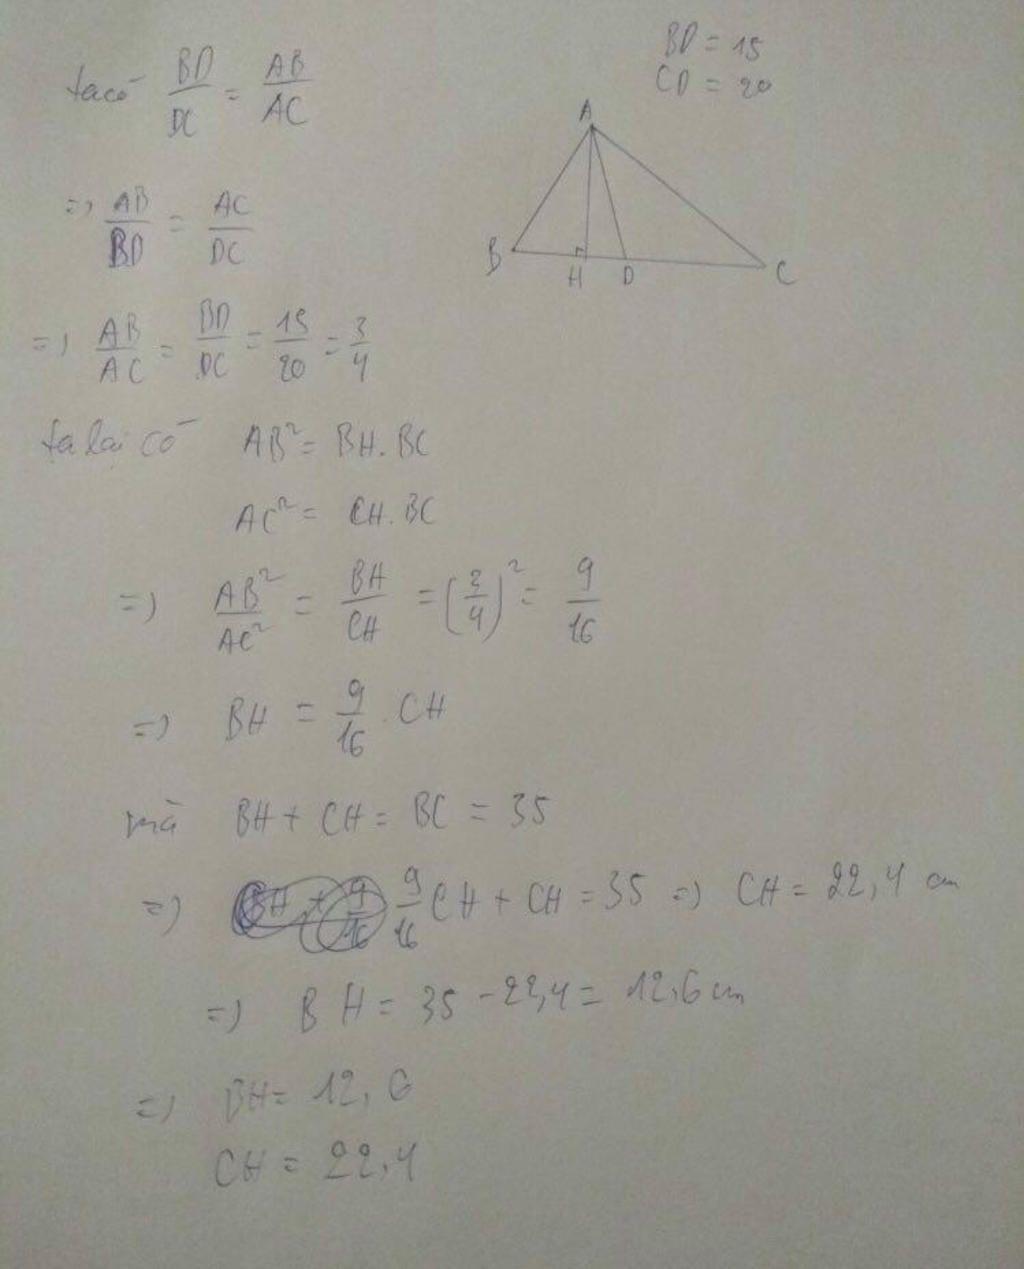 cho-tam-giac-abc-vuong-tai-a-phan-giac-ad-duobg-cao-ah-biet-bd-15cm-cd-20cm-tinh-hb-hc